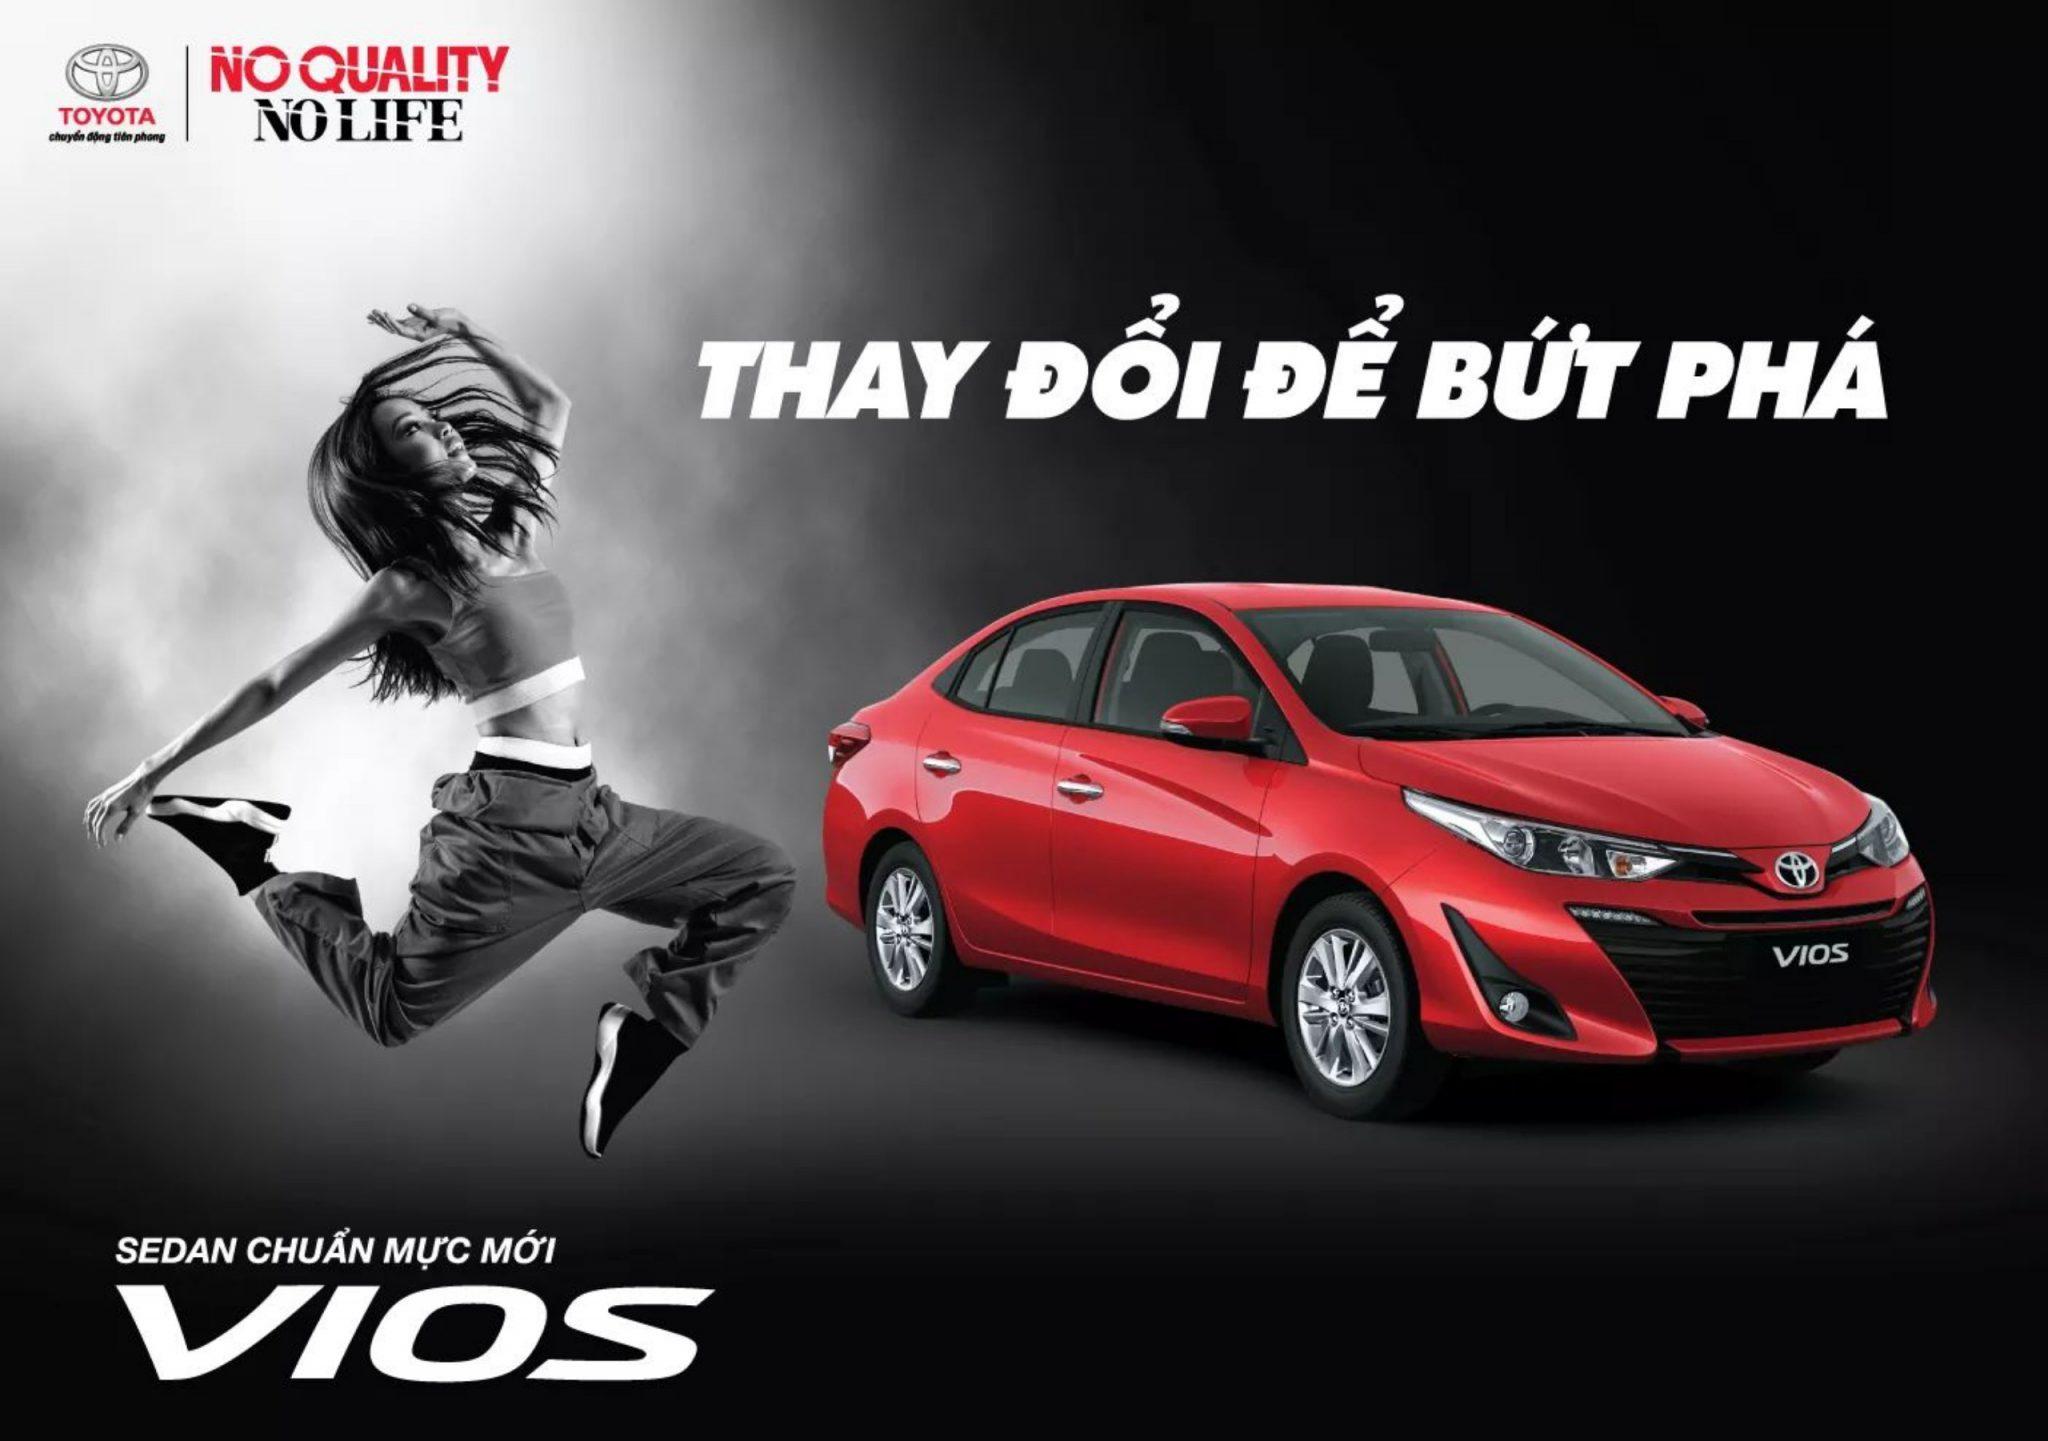 Toyota Vios 2 - Bảng giá xe Toyota [hienthinam] được cập nhật liên tục